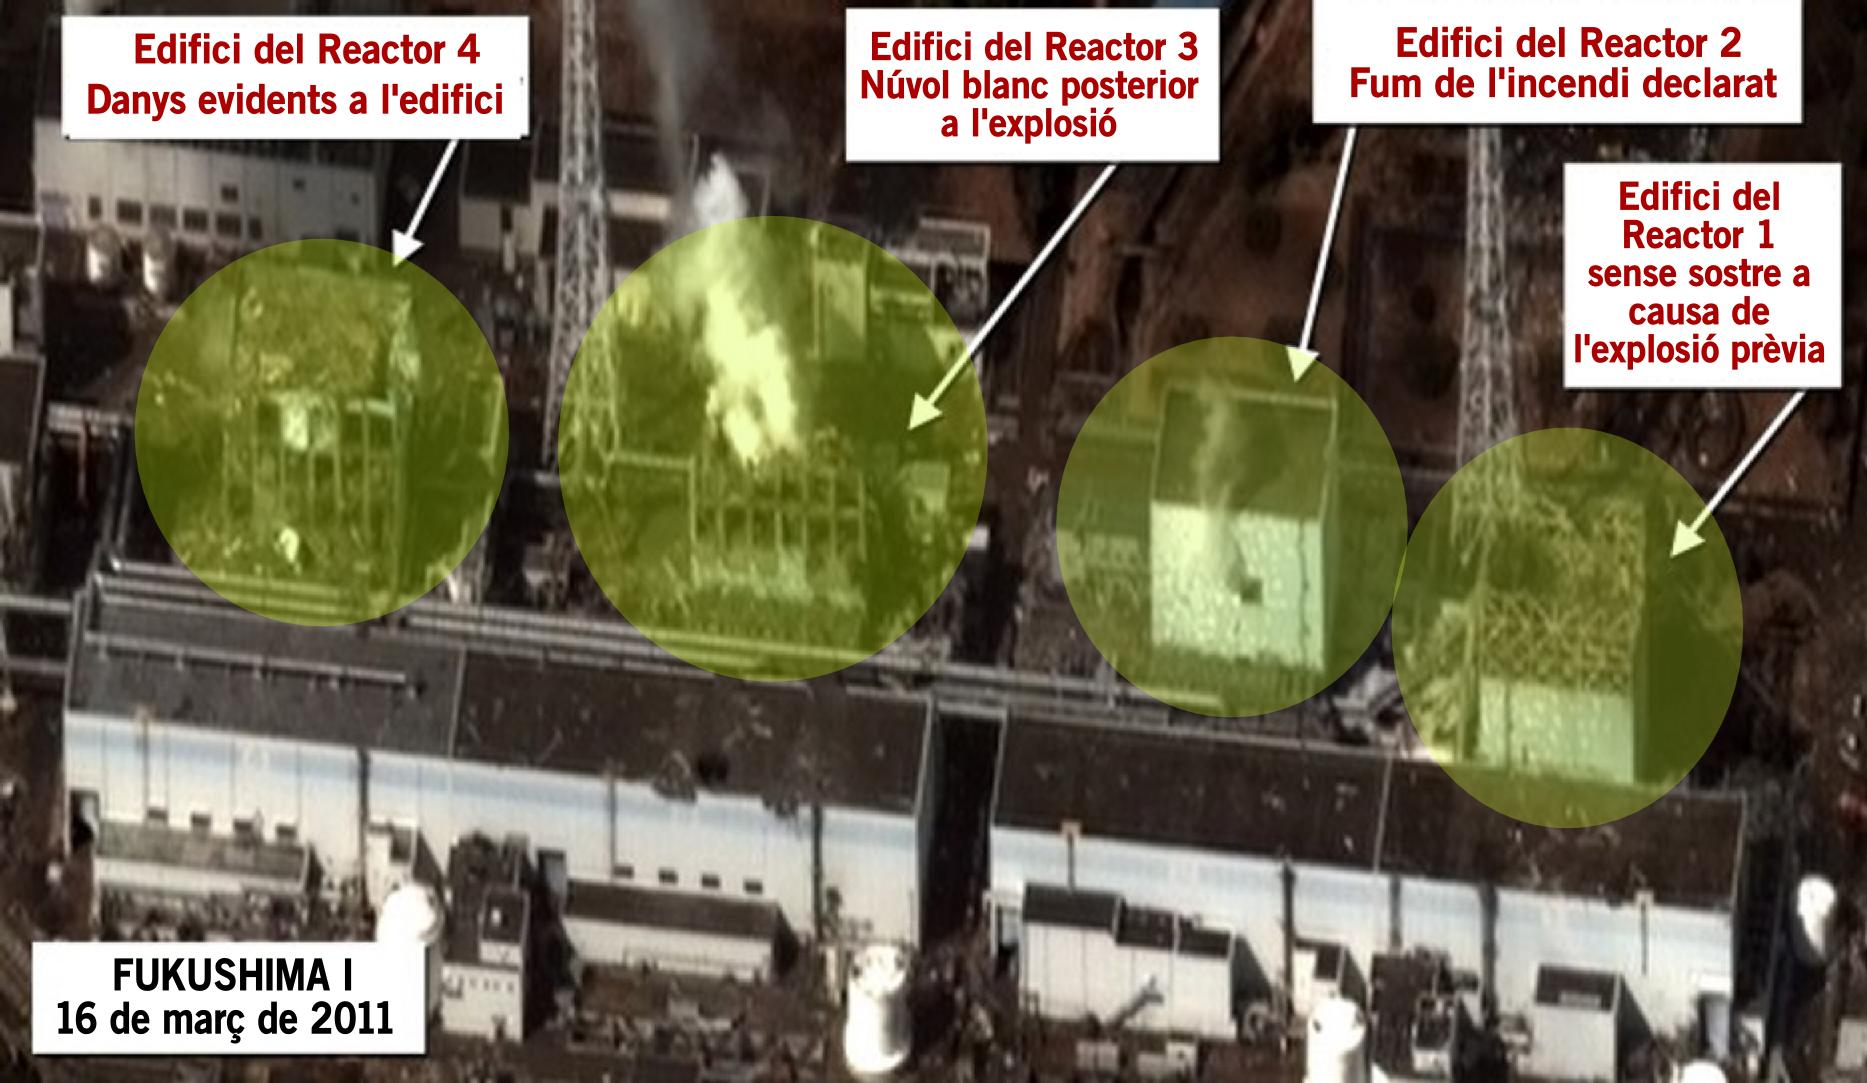 els 4 reactors més danyats